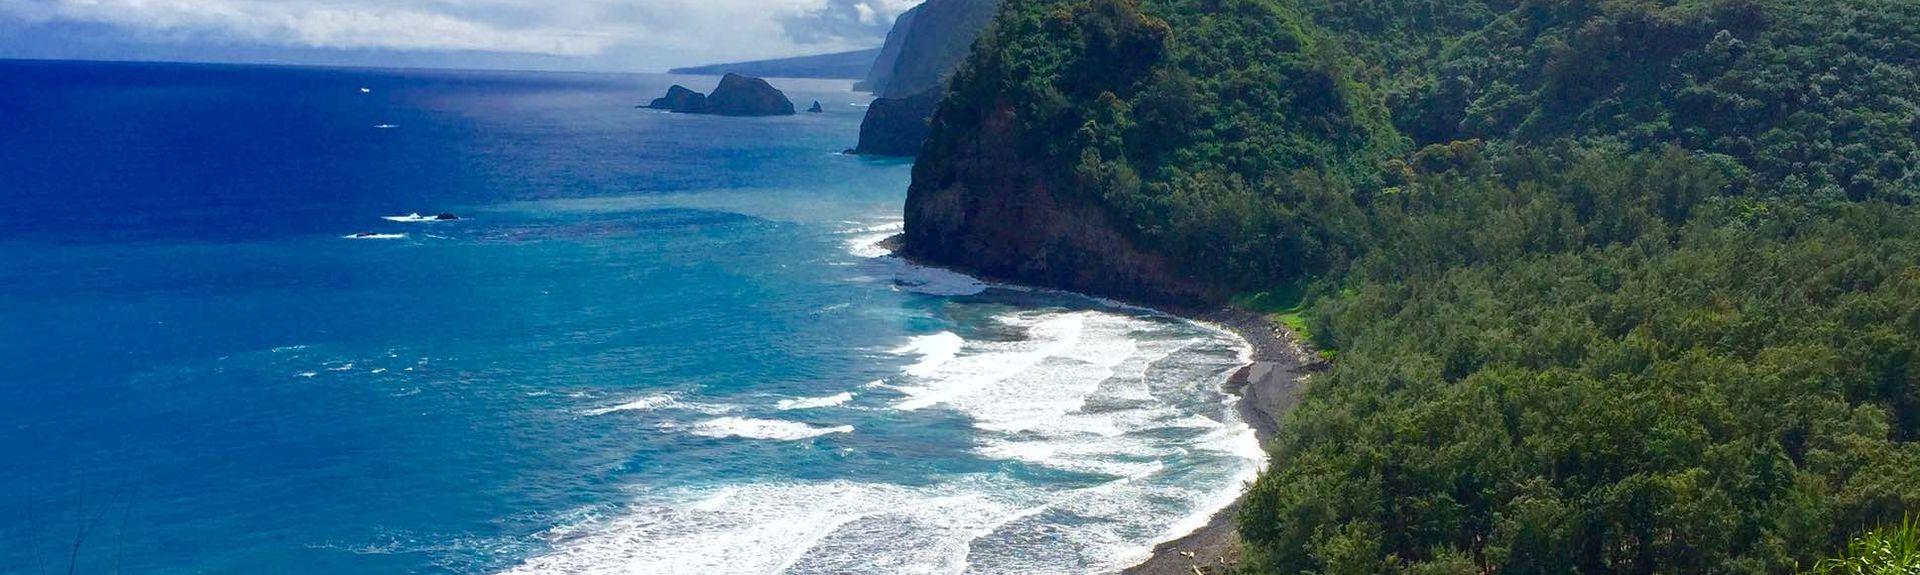 Kapaau, Hawaii, United States of America